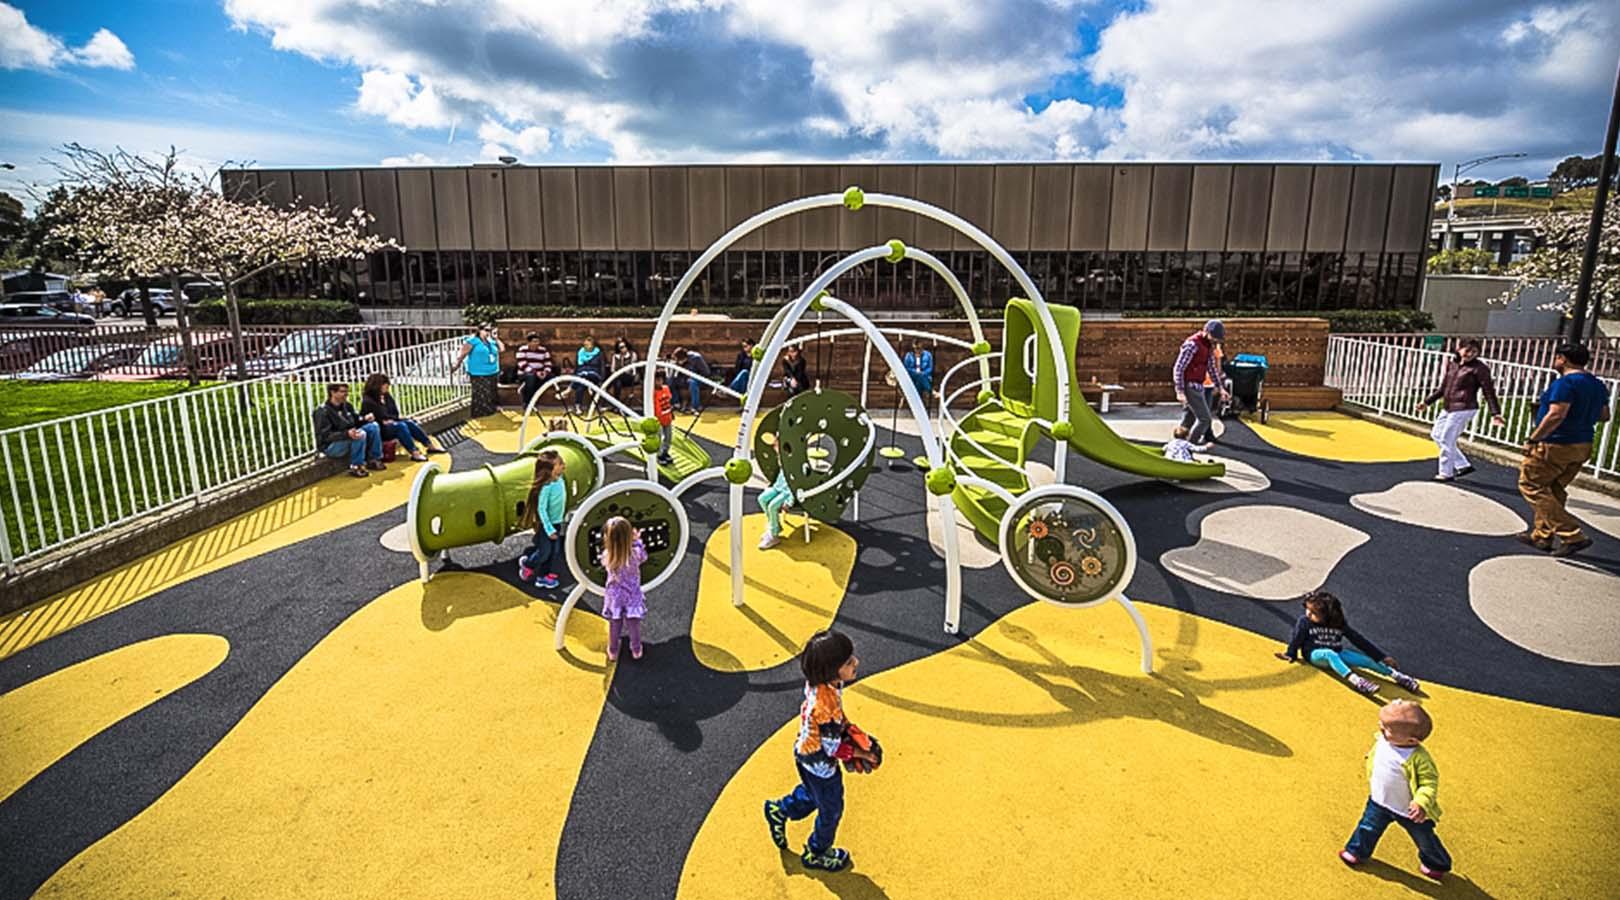 Woods Yard Park Ross Recreation Ross Recreation